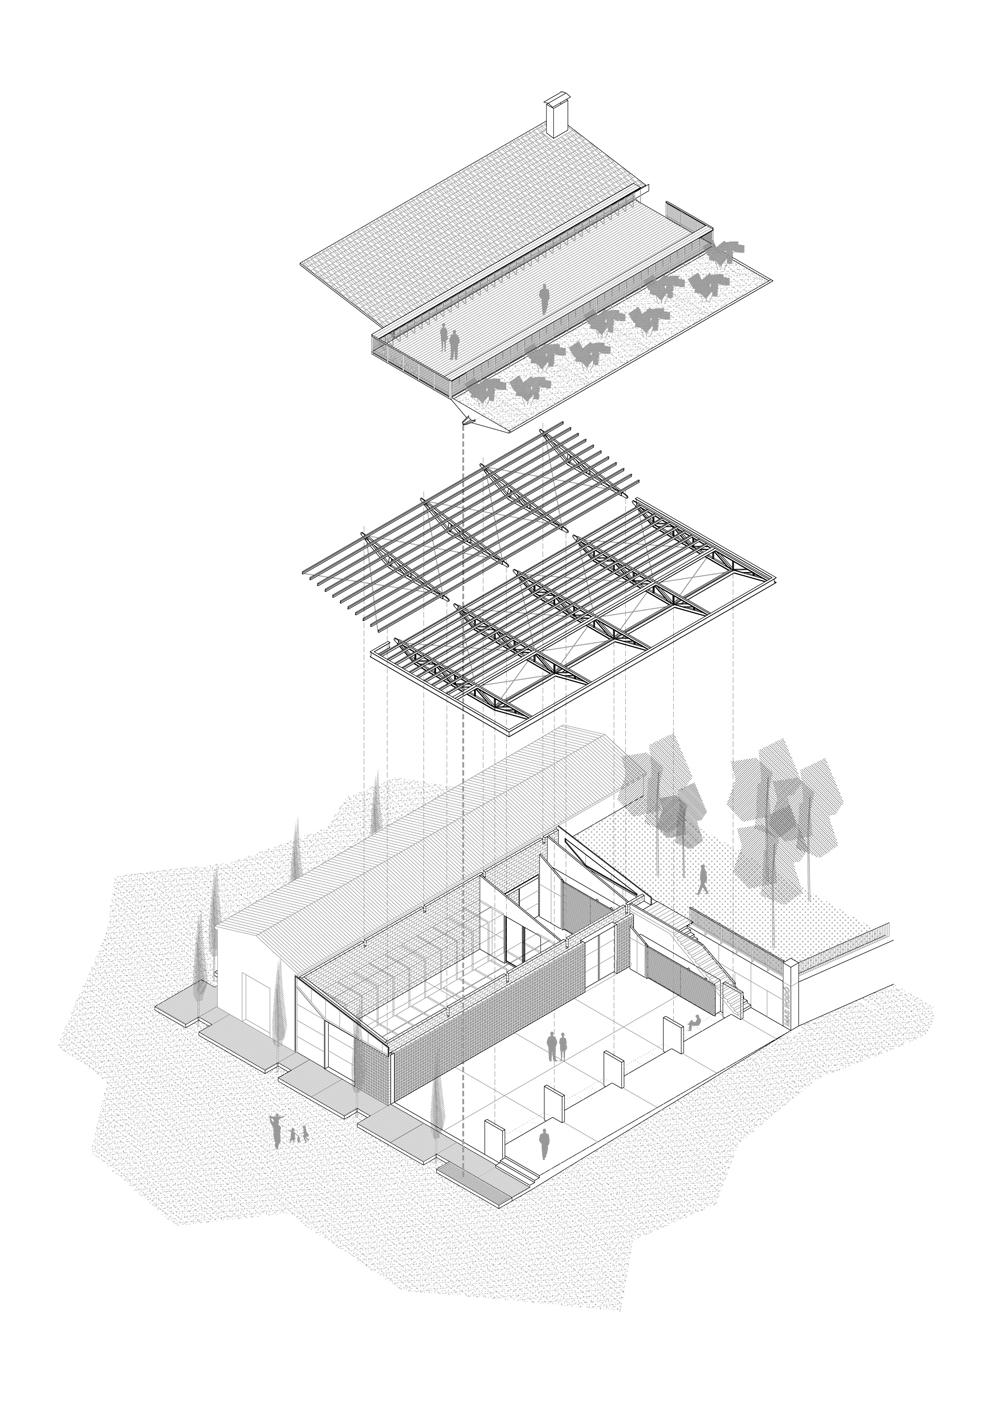 SALA FERUSIC Architects – ingravitis – Dibujo01